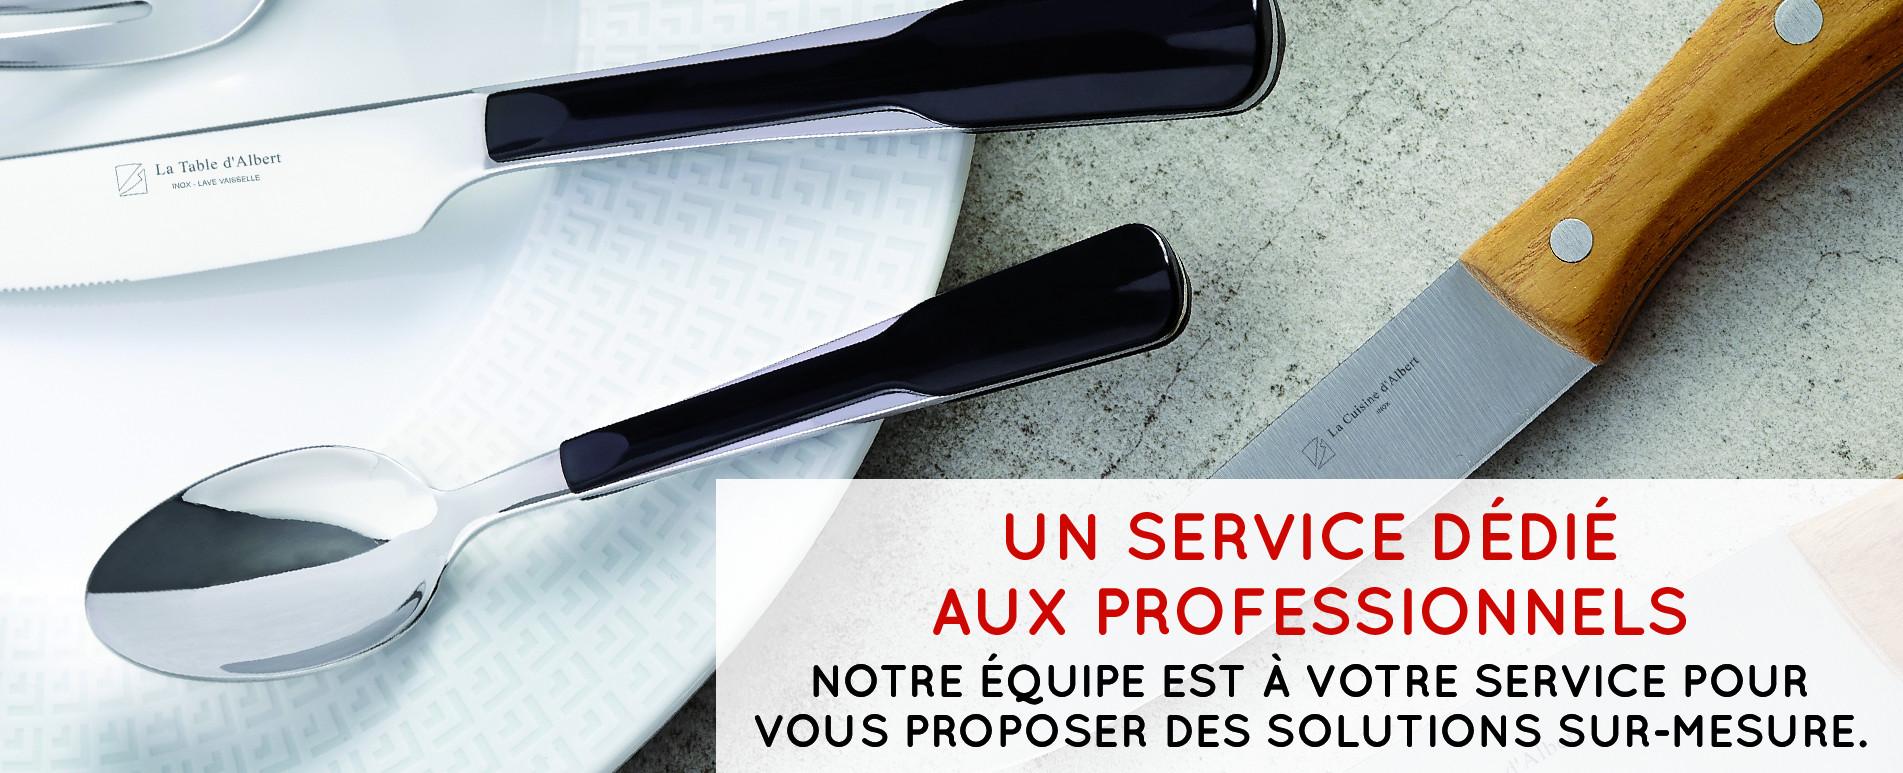 UN SERVICE SUR-MESURE POUR LES PROFESSIONNELS